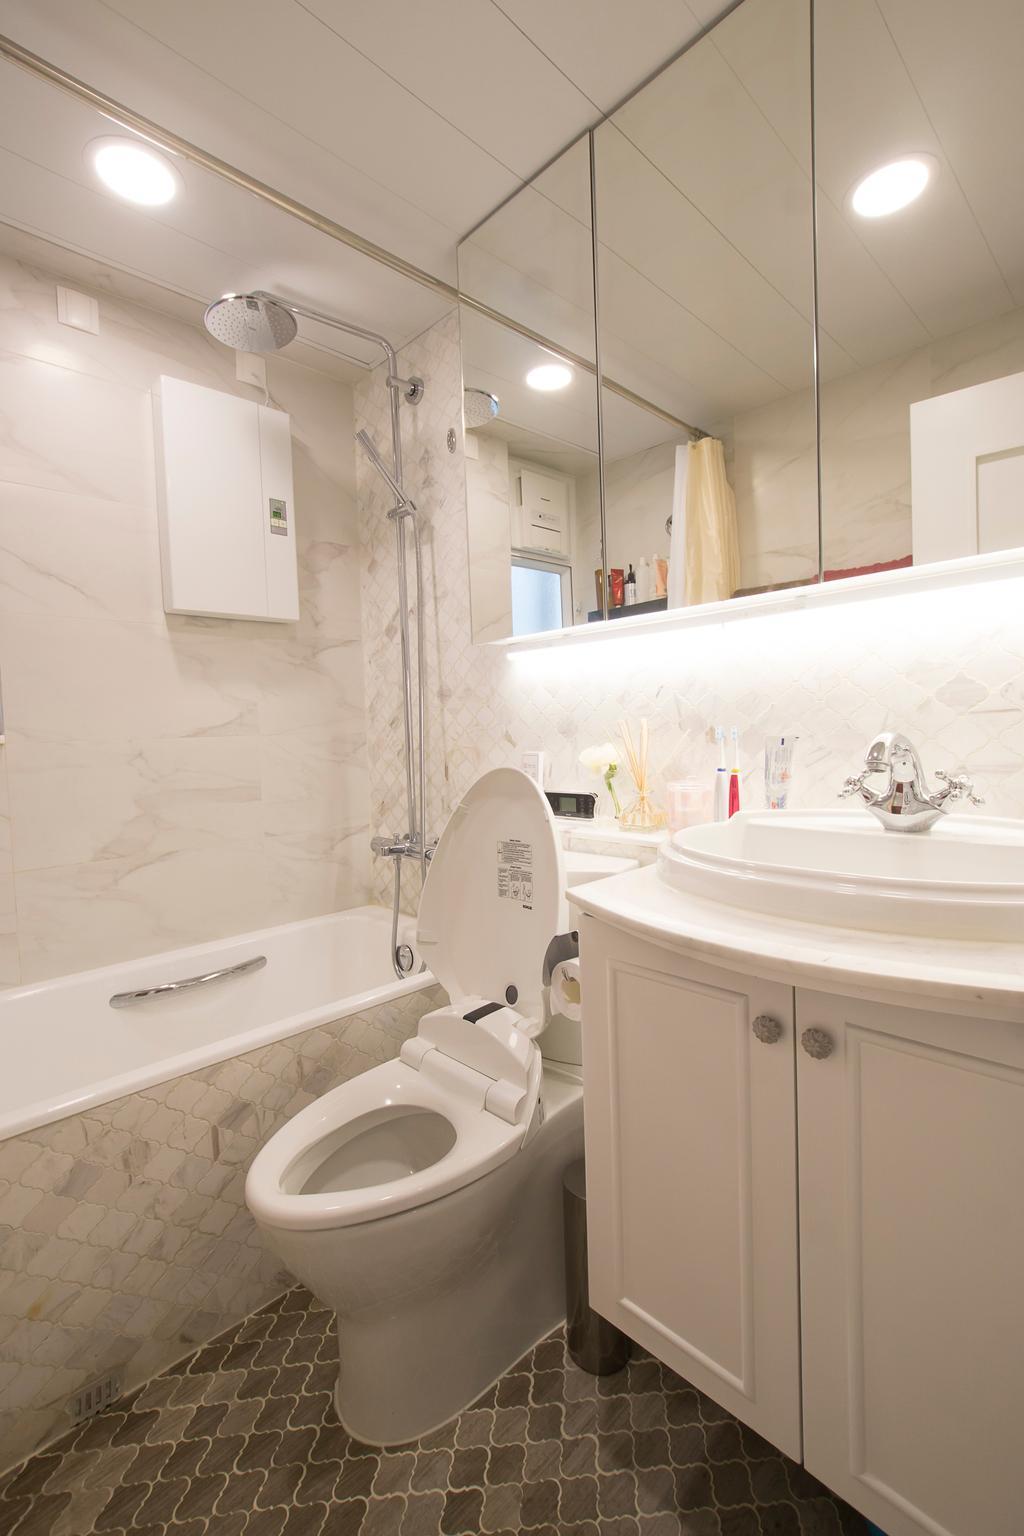 私家樓, 又一居, 室內設計師, 雨田創建, Toilet, 浴室, Indoors, Interior Design, Room, Sink, Jacuzzi, Tub